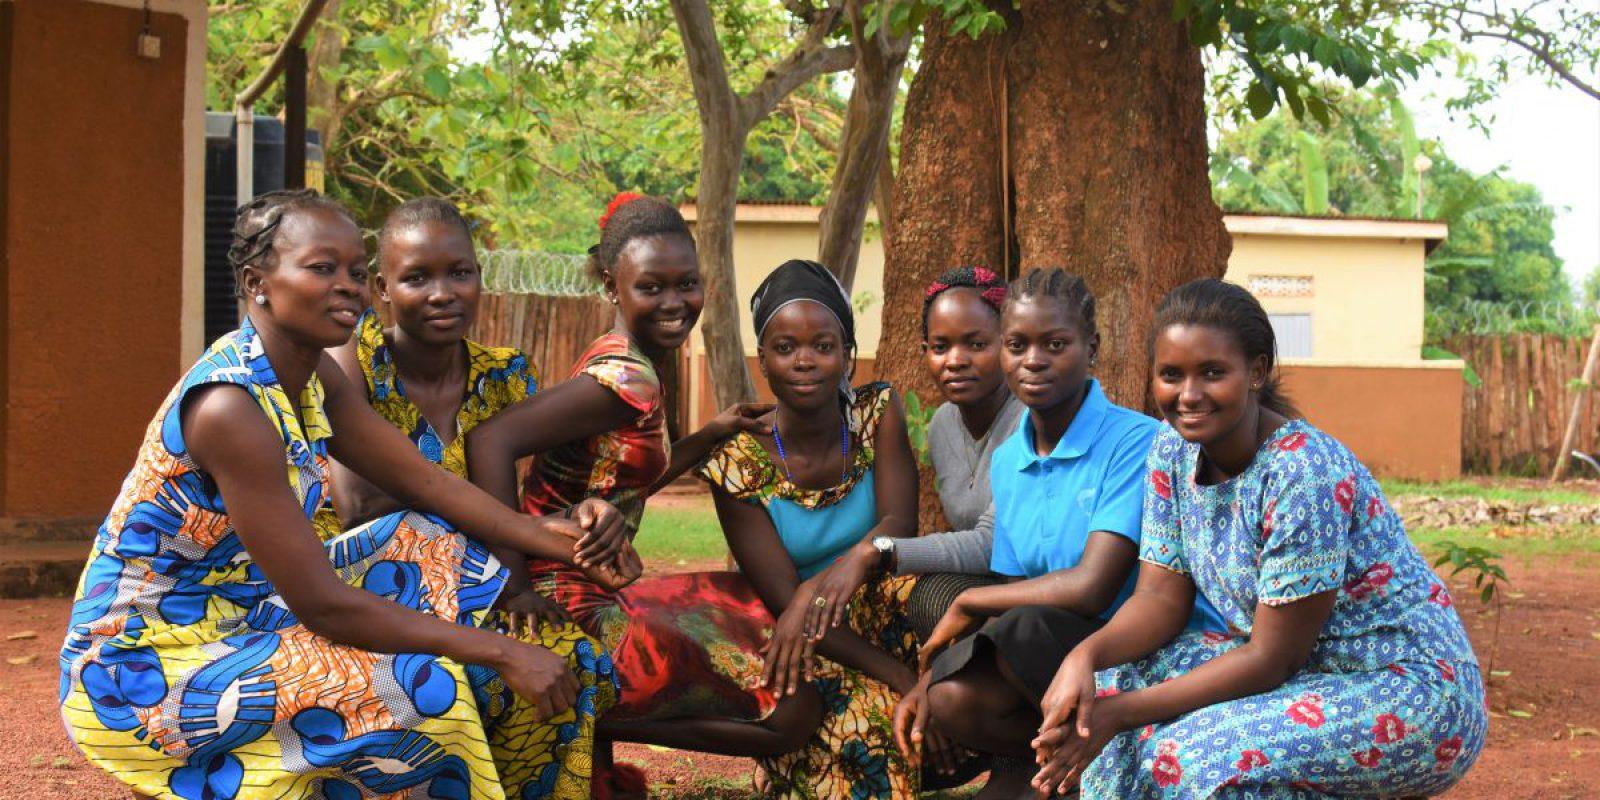 Education for refugee girls